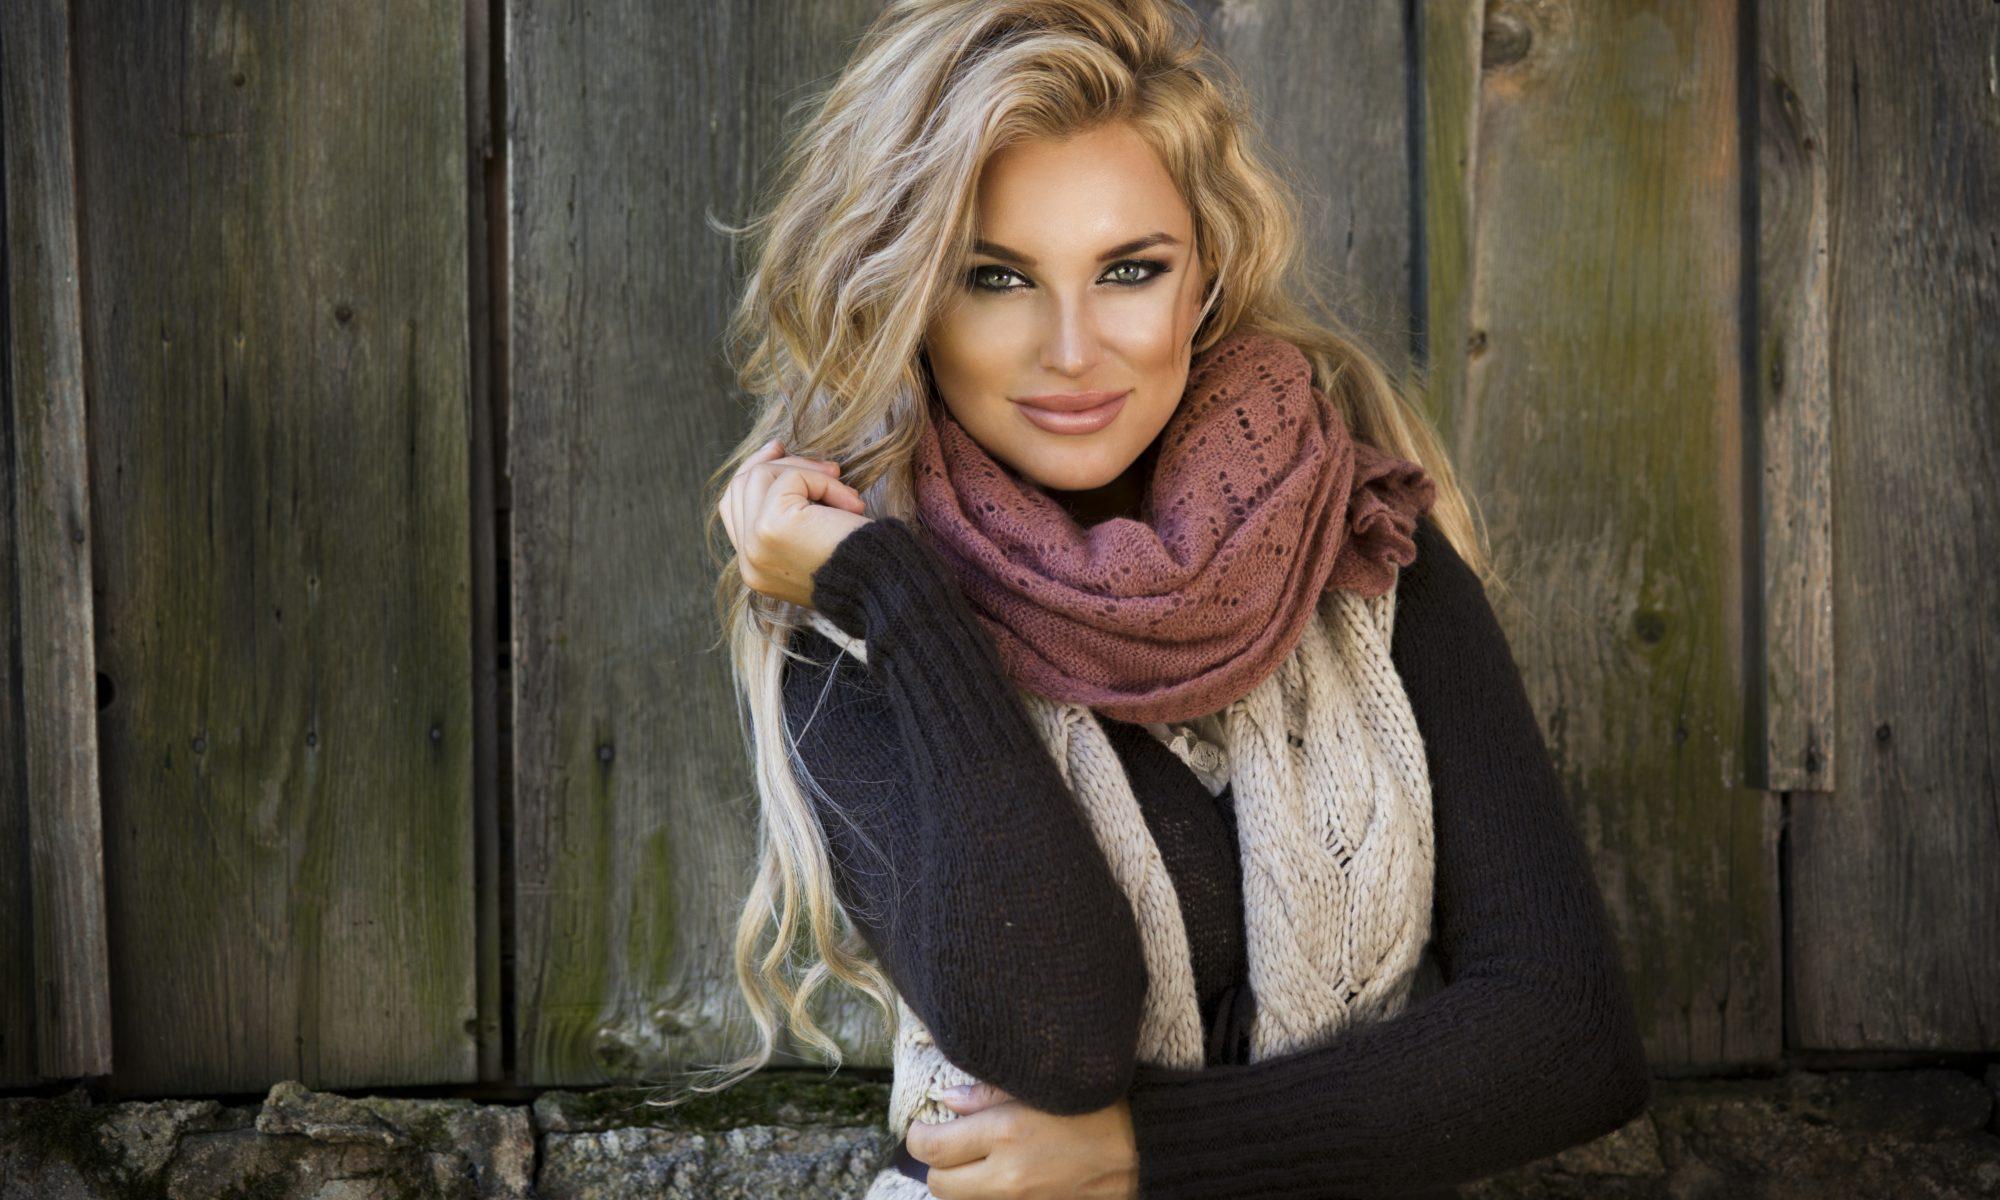 Piękna blondynka z długimi włosami w zimowej stylizacji